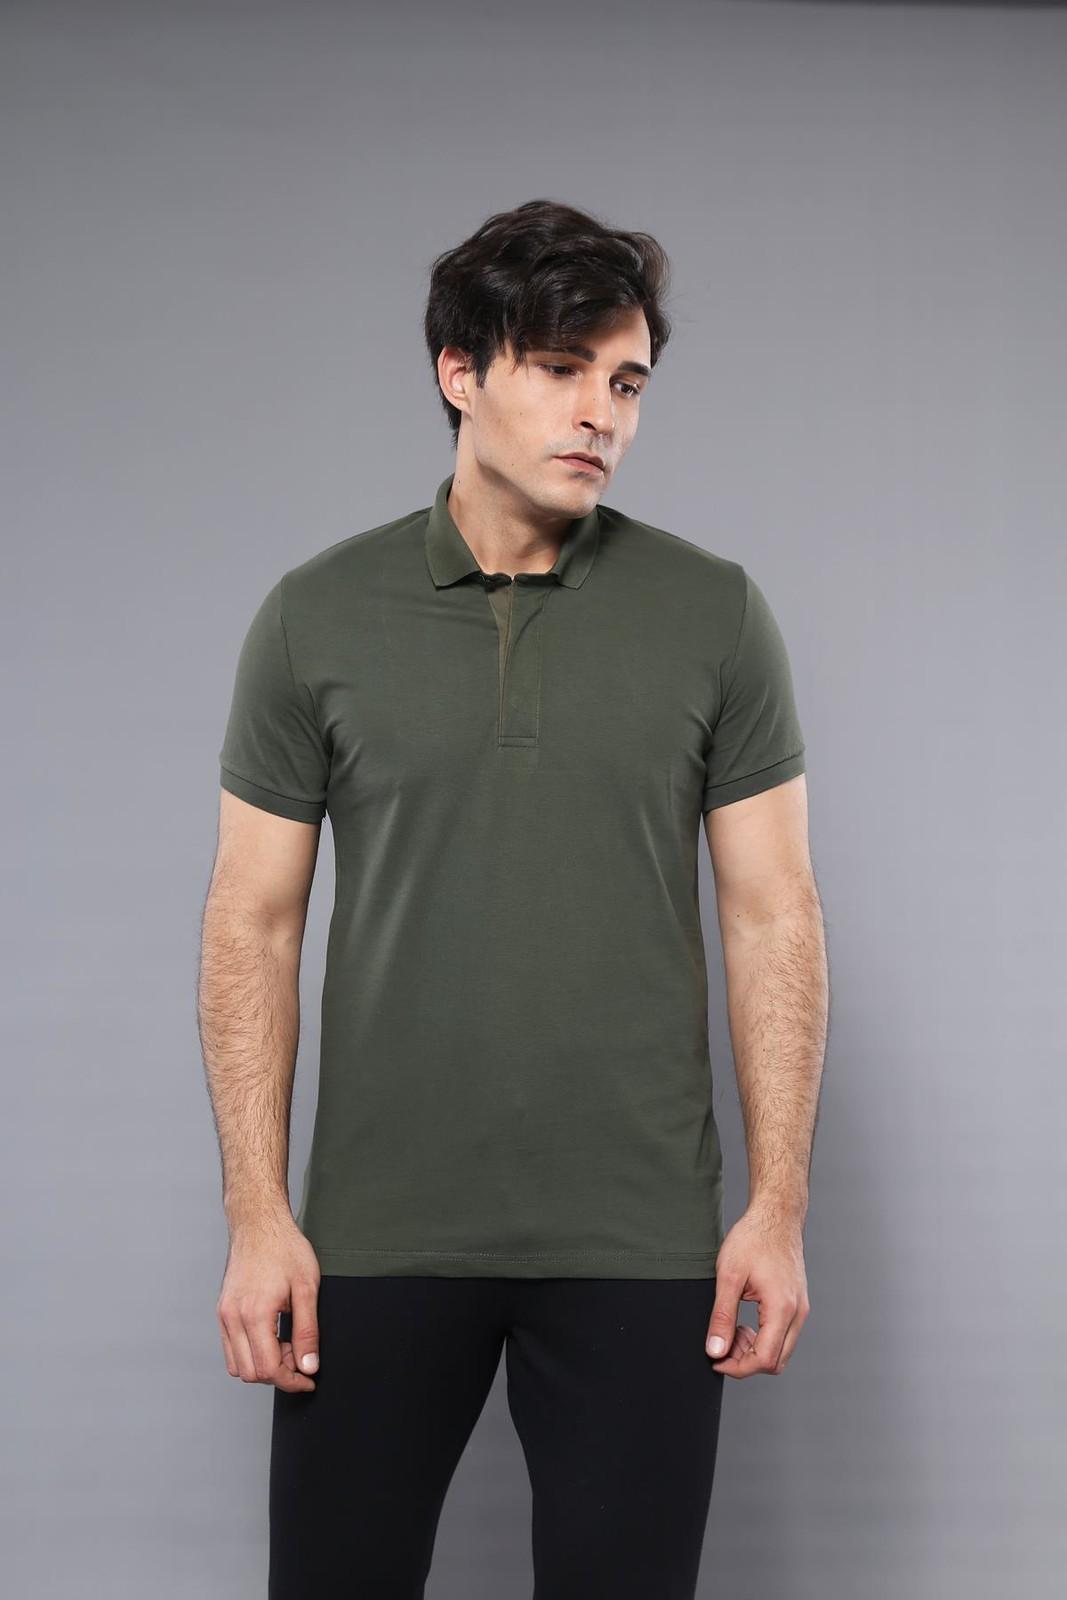 Men's Plain Khaki Polo T-shirt